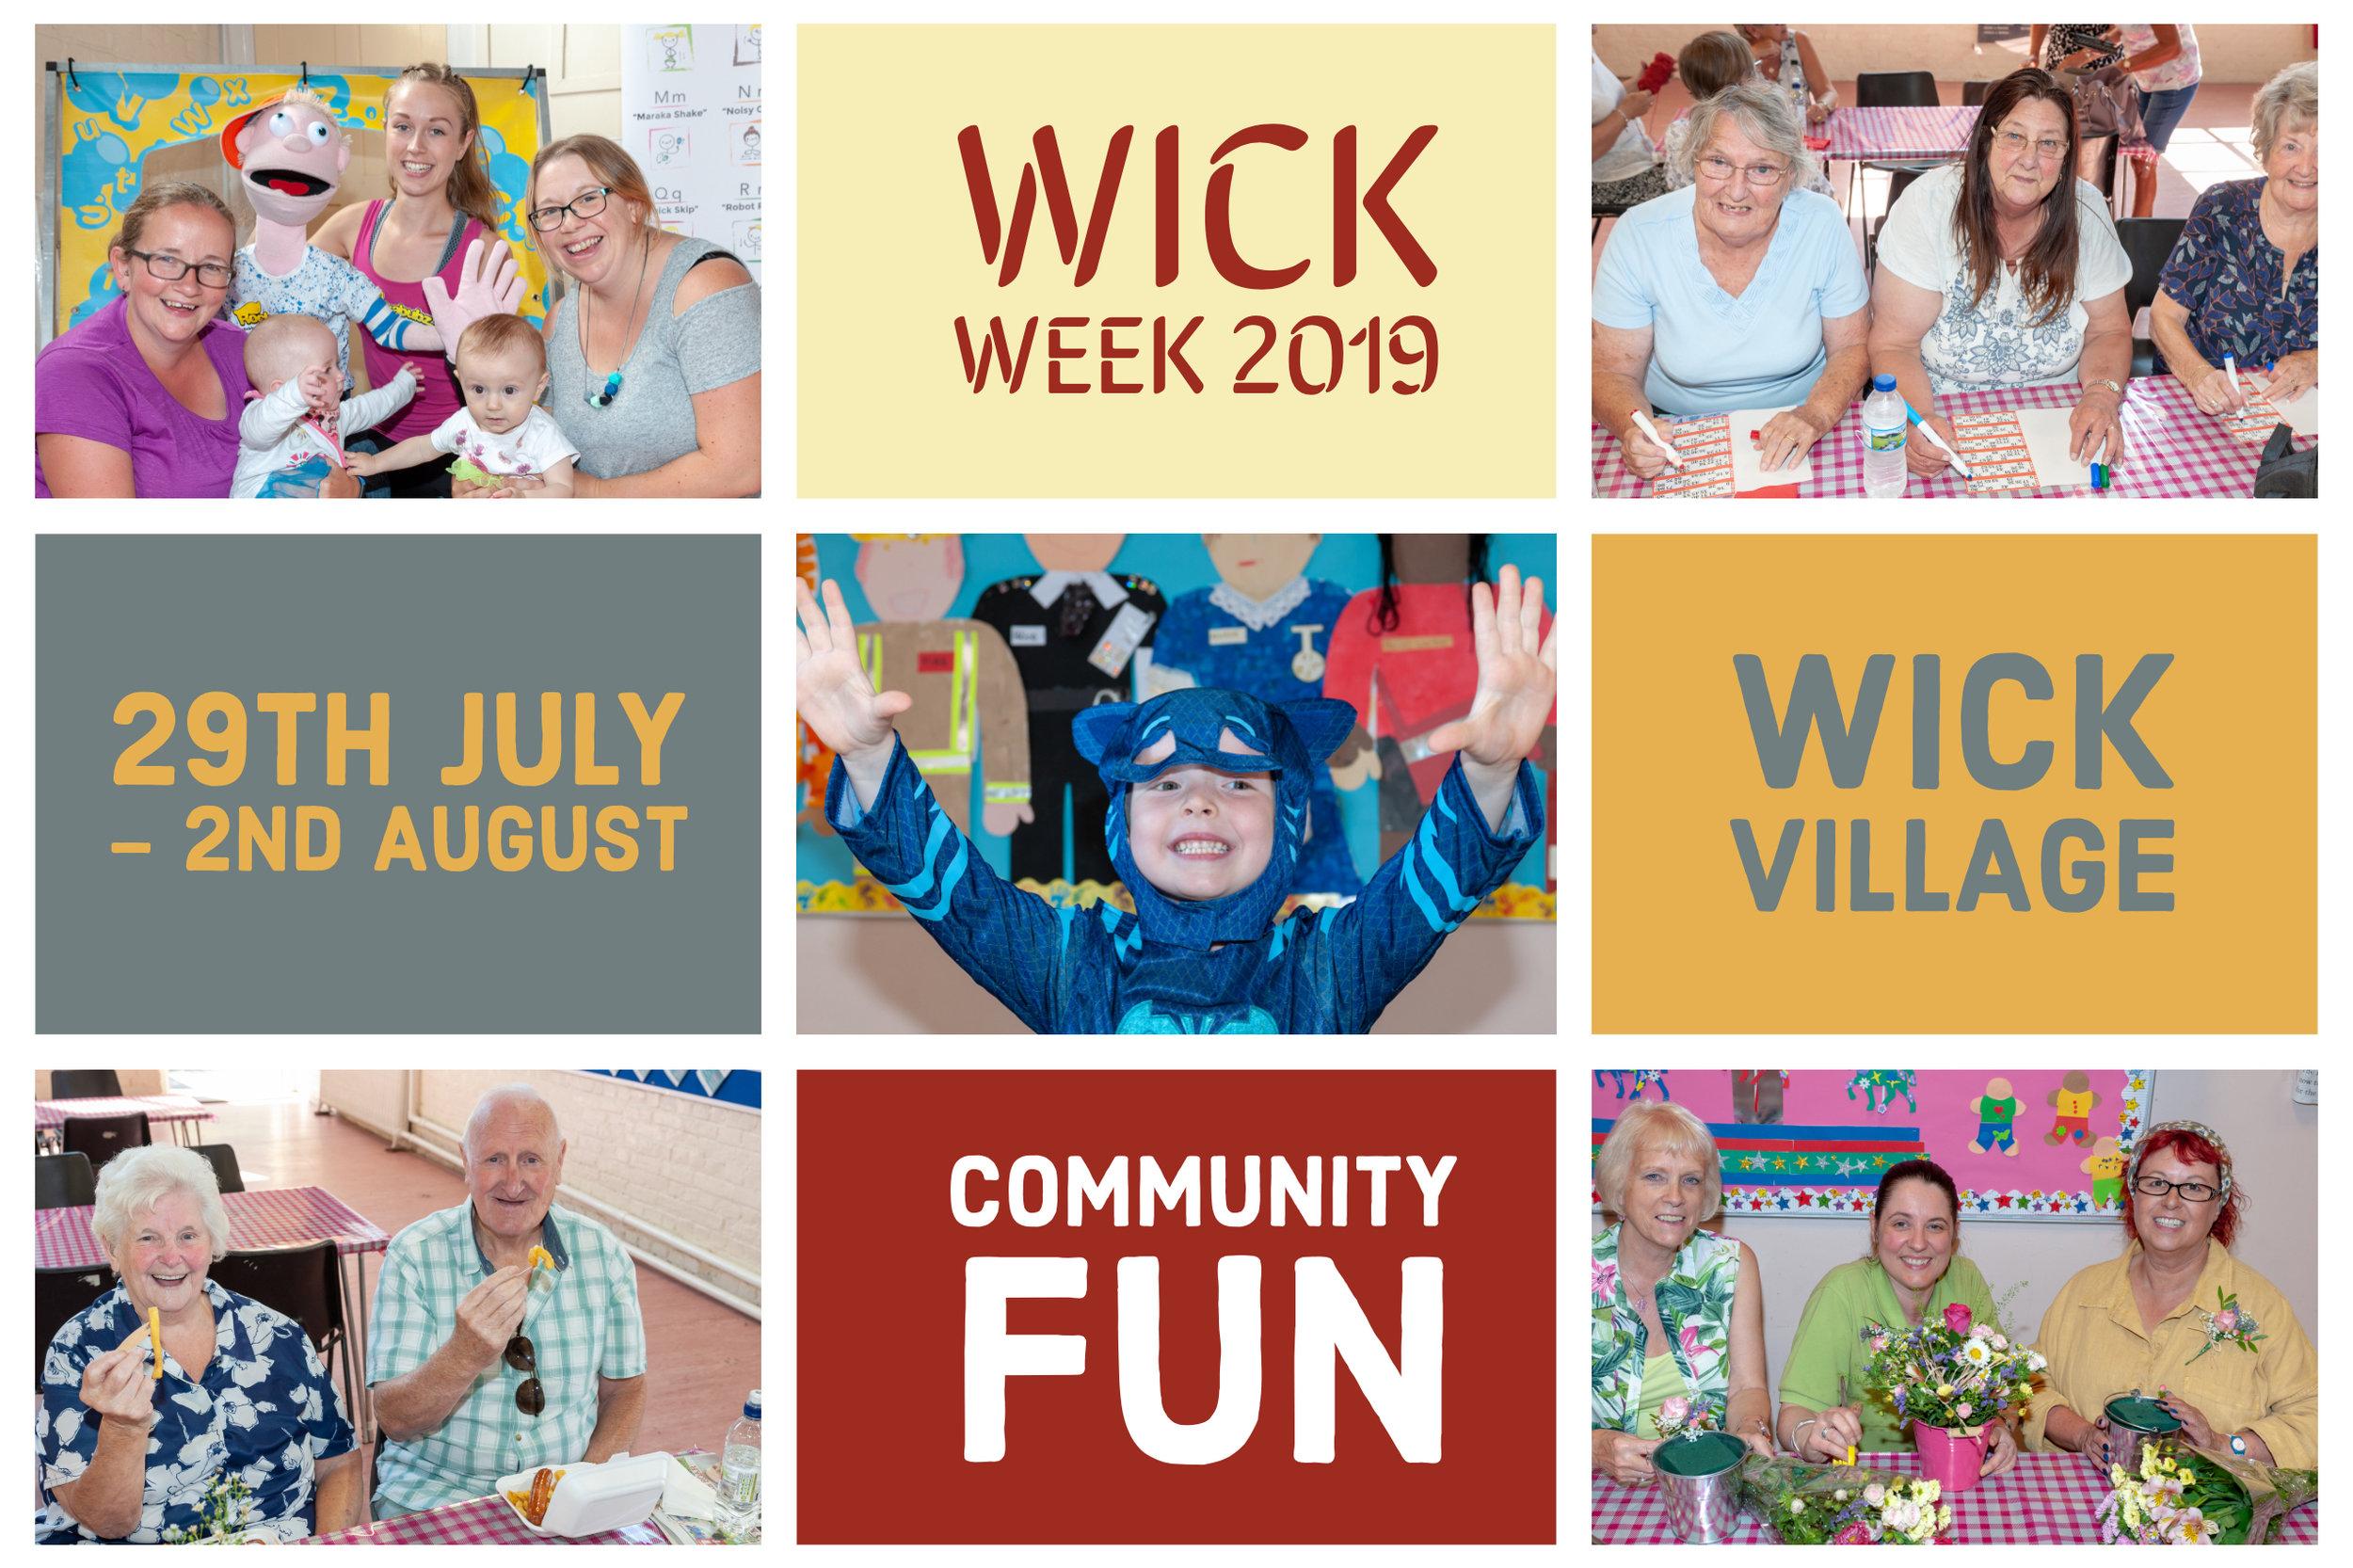 Wick Week 2019